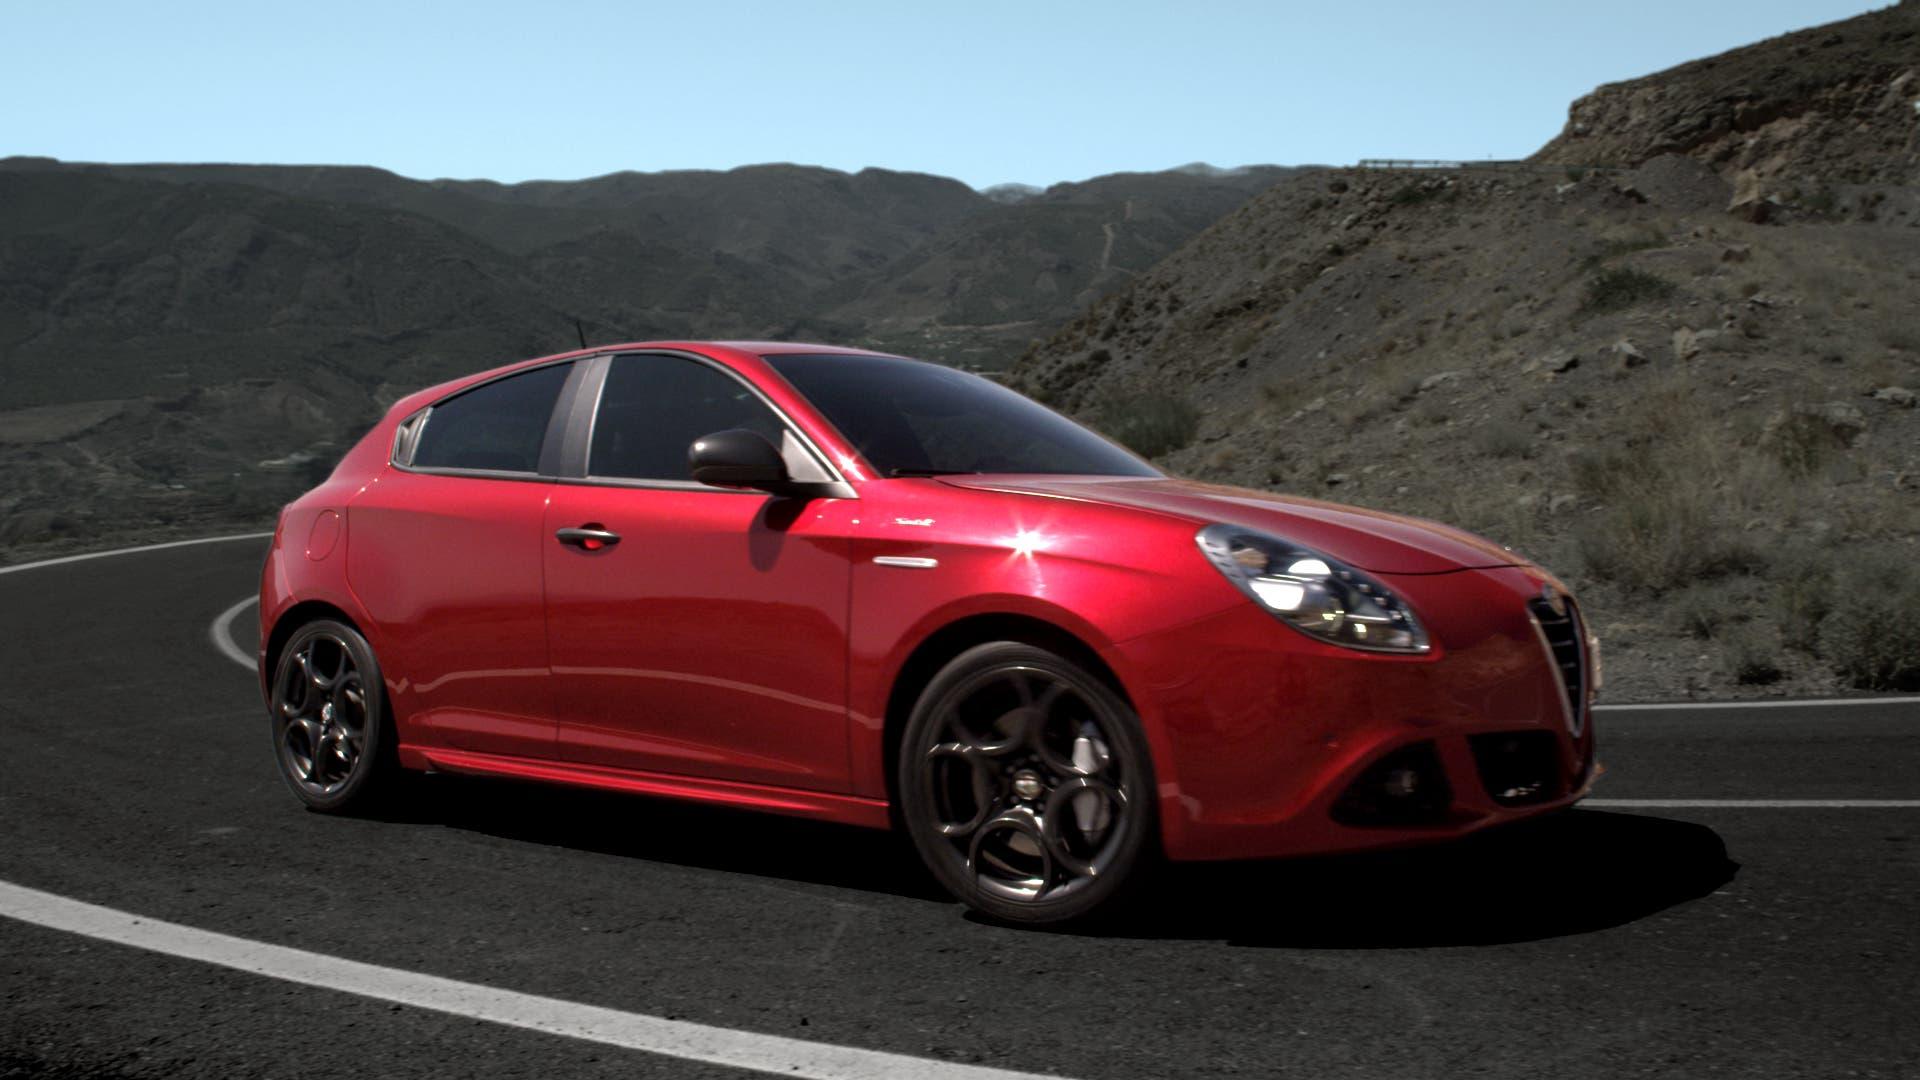 Alfa Romeo, vendite in forte calo in tutti i principali mercati europei nel 2015